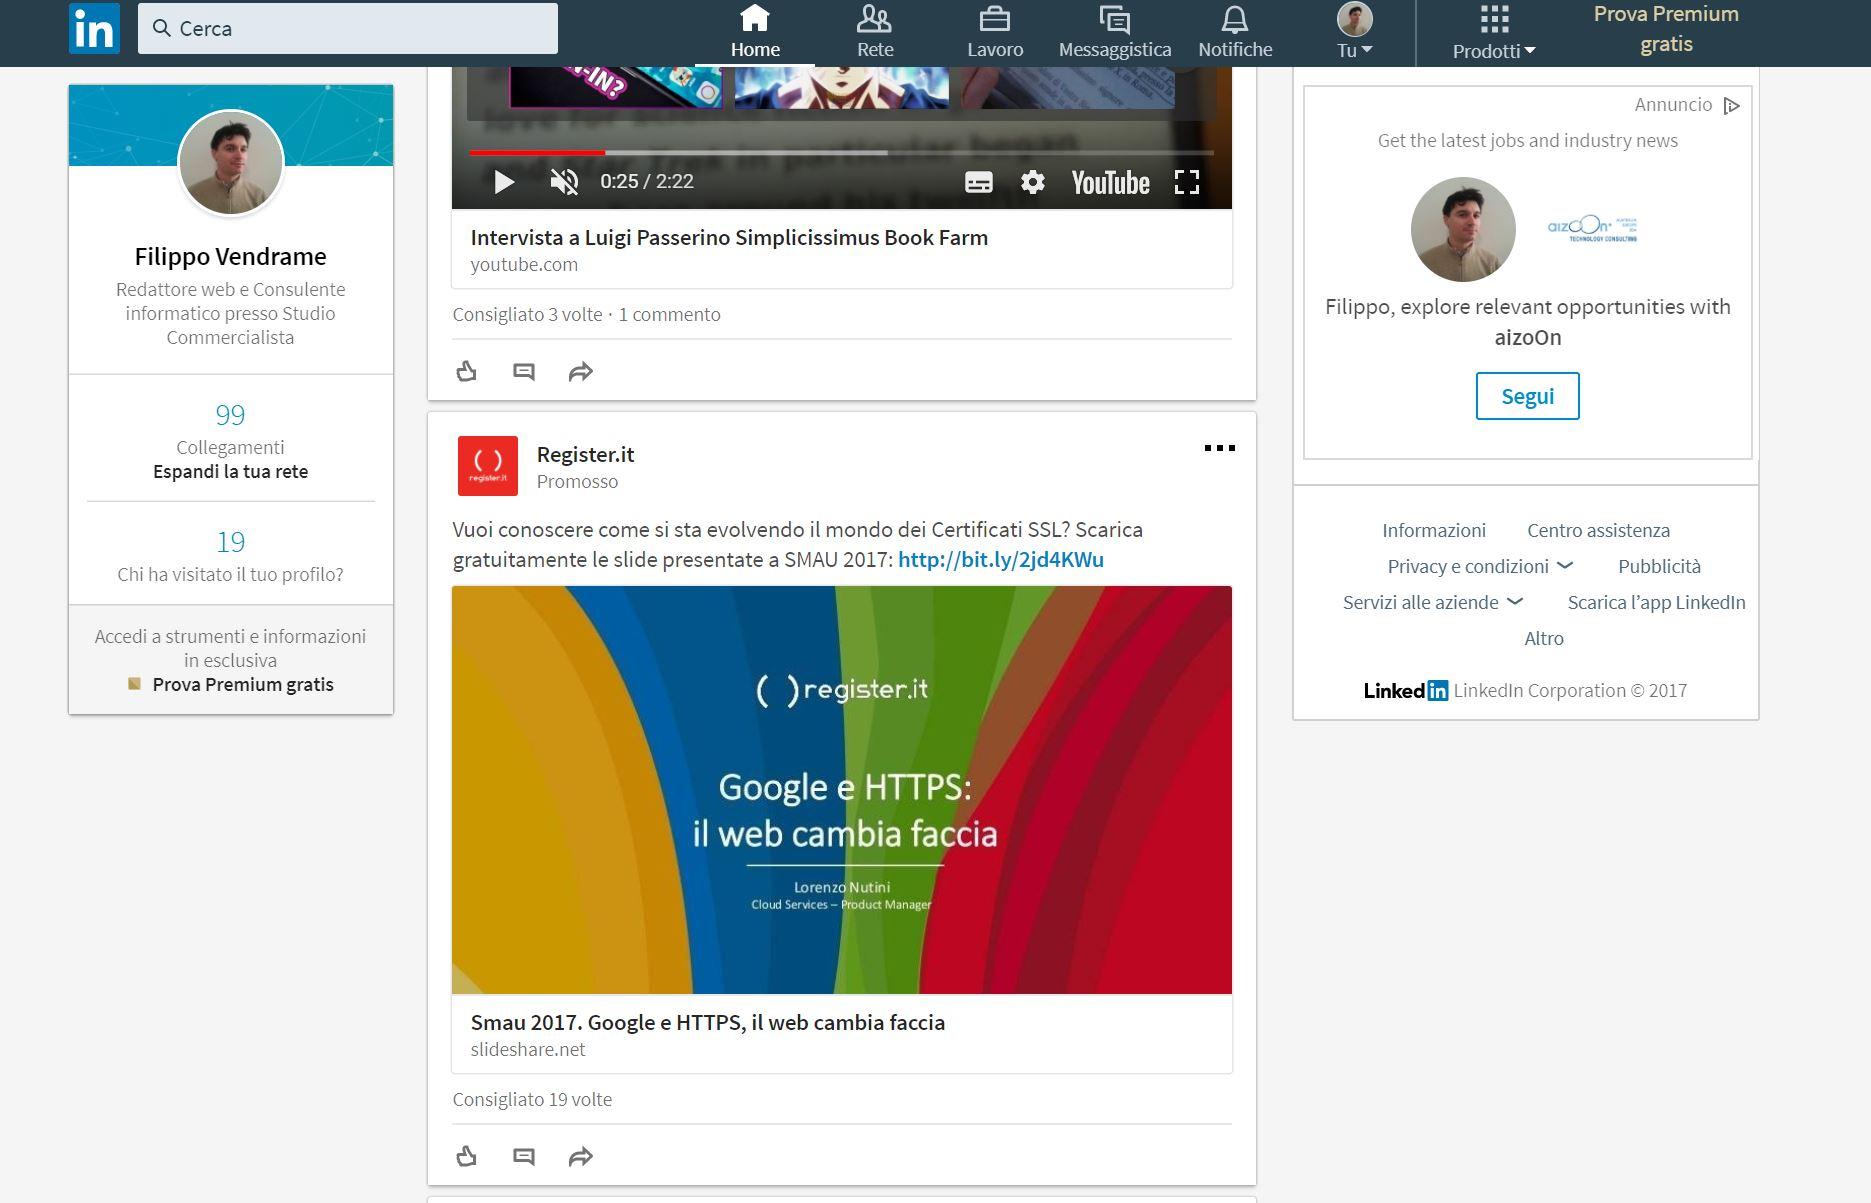 LinkedIn Guida Alla Creazione Di Un Profilo Download HTML